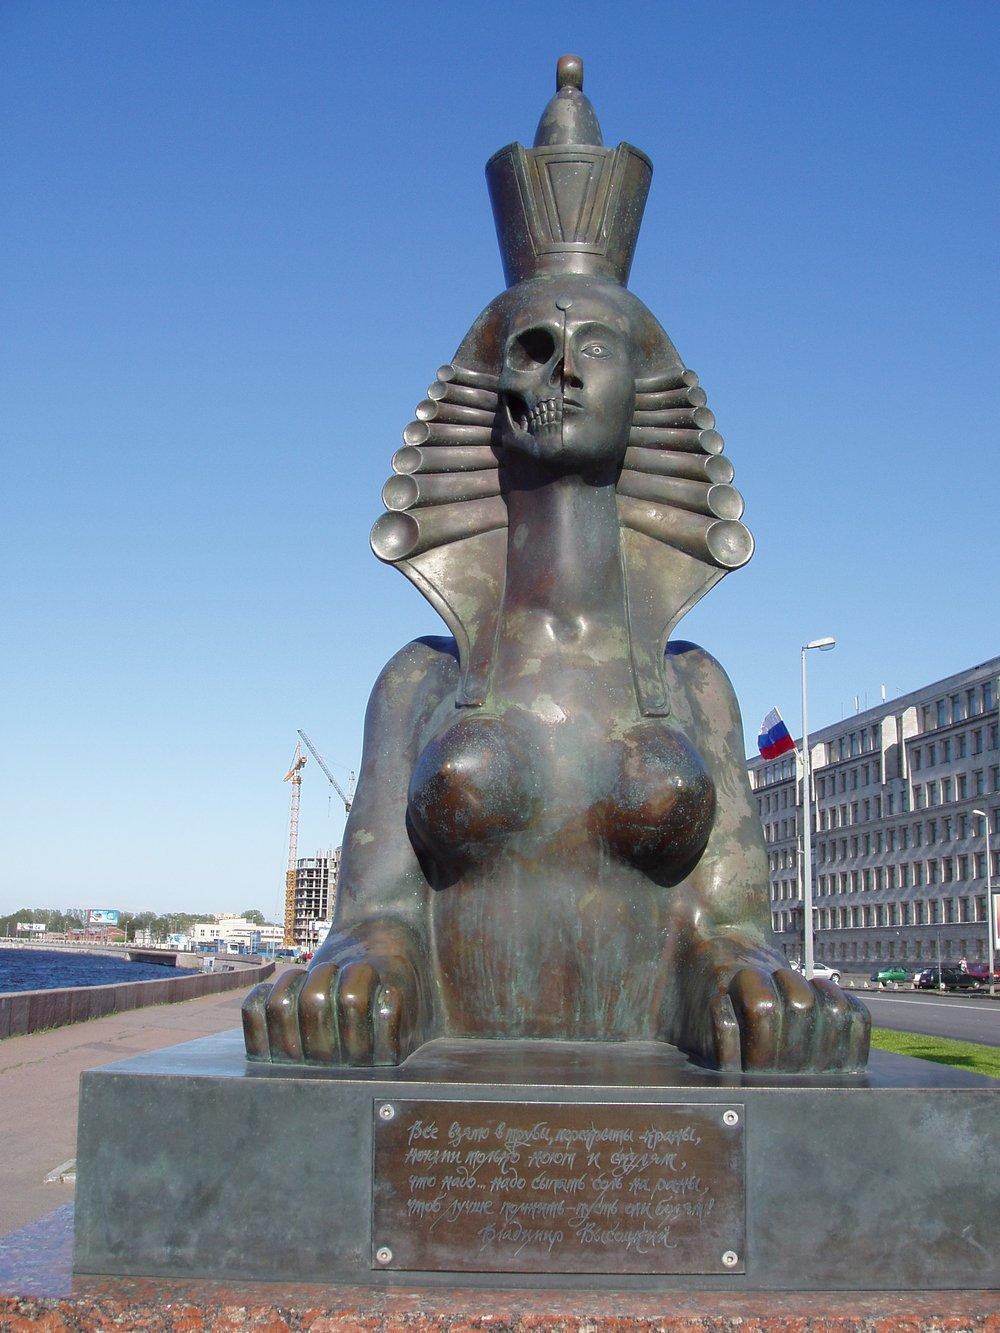 Замечательным памятником, заставляющим думать, называл Сфинксов Шемякина в Санкт-Петербурге академик Дмитрий Лихачев